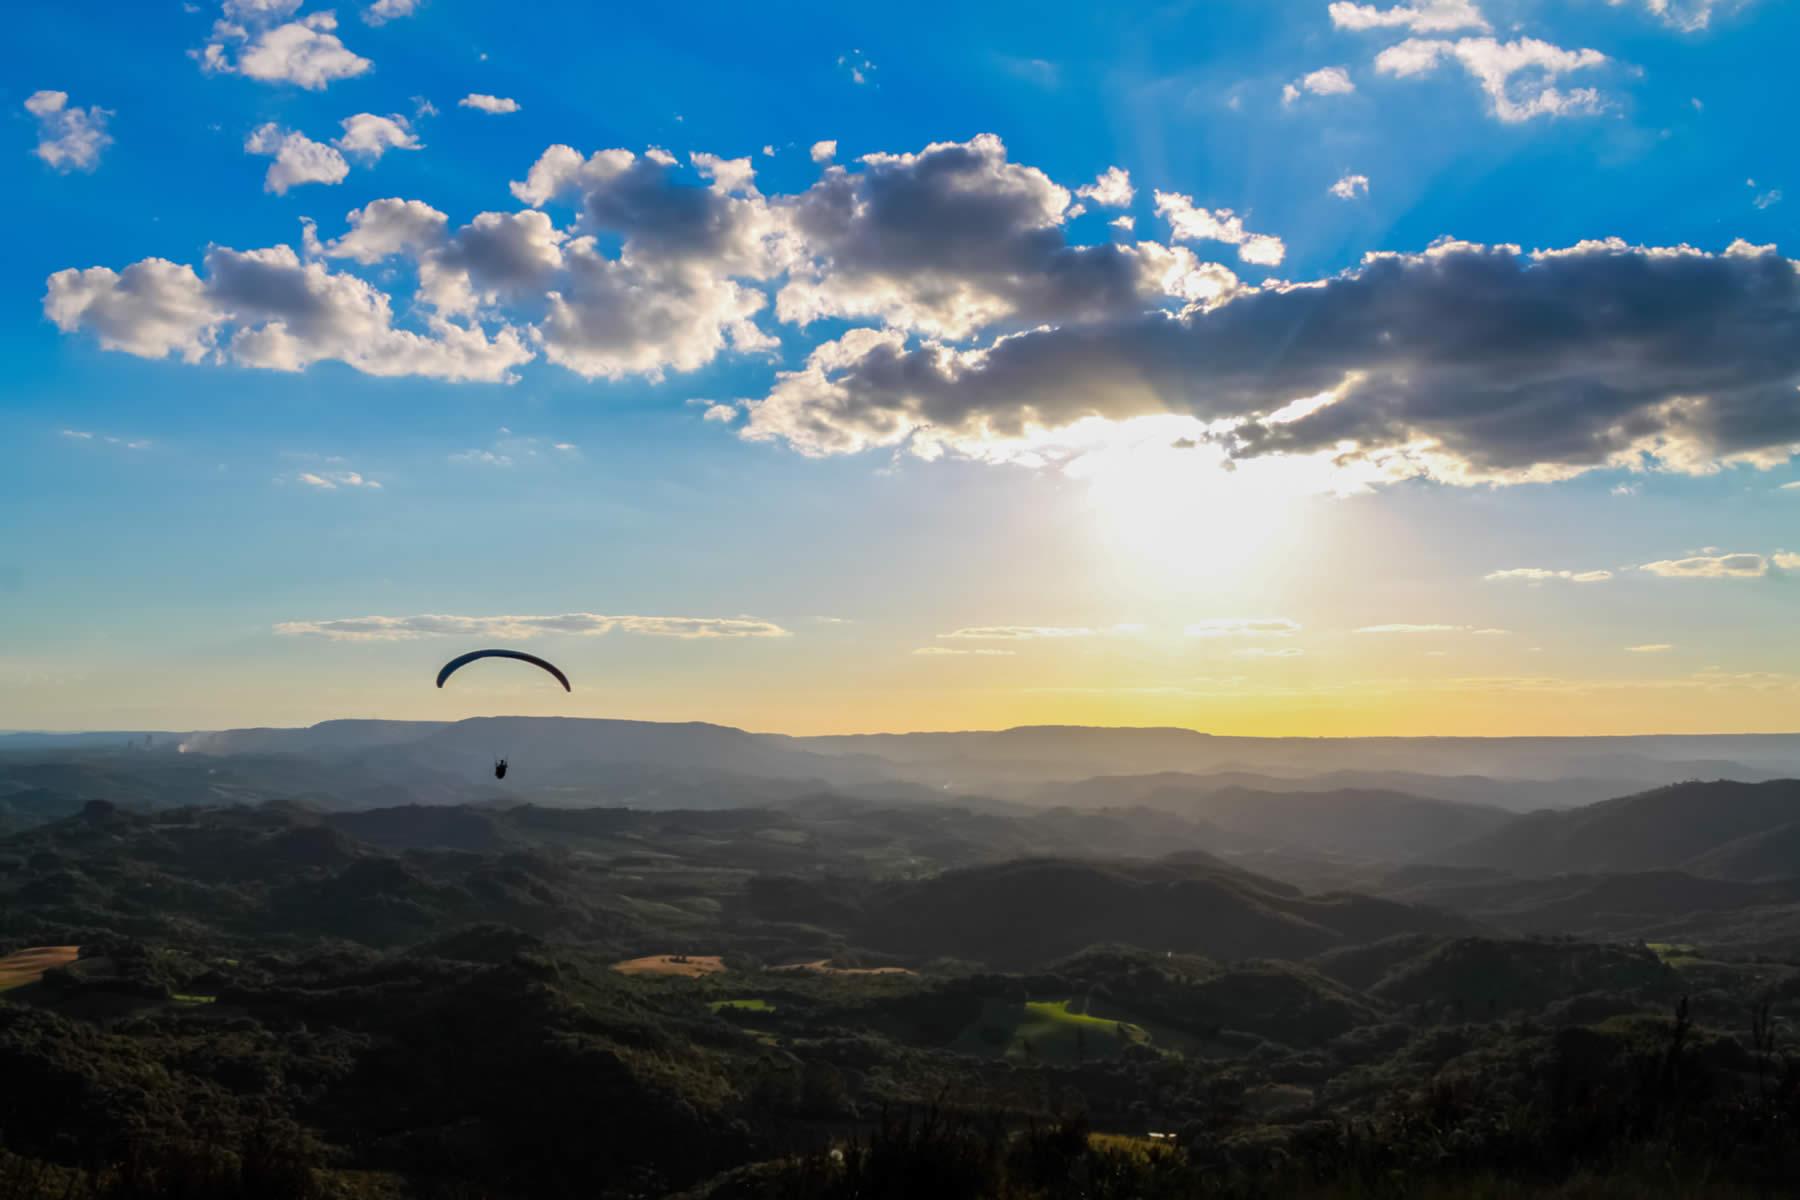 Na imagem, temos a vista do Morro do Cal. O céu está muito azul e tem alguém de parapente voando sob os morros menores.